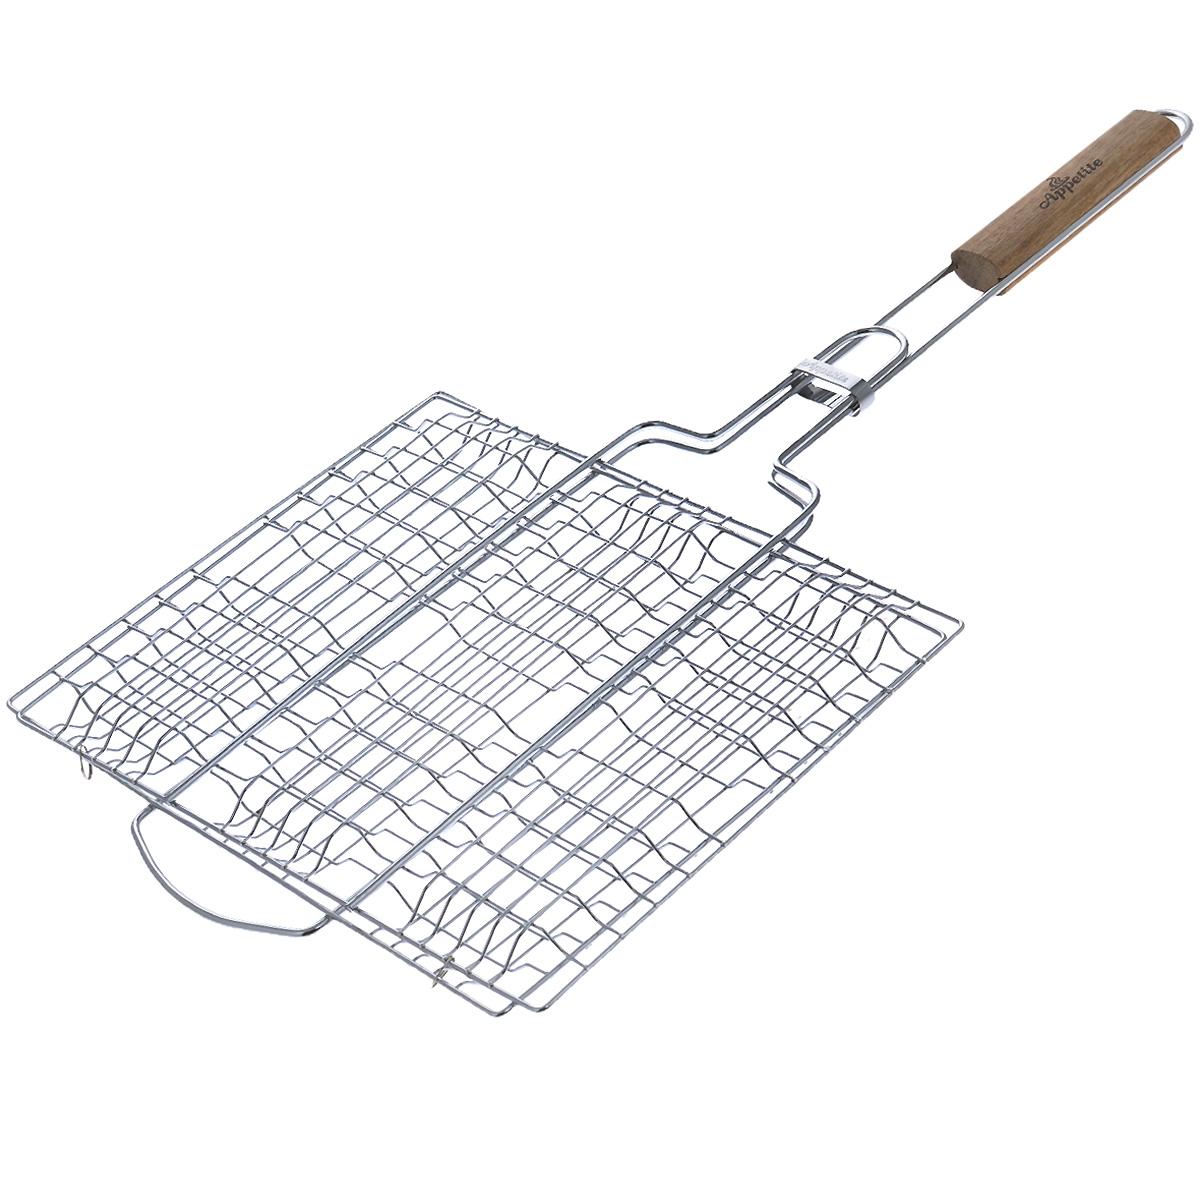 Решетка-гриль Appetite, плоская, 30 см х 25 смFC-2pРешетка-гриль Appetite изготовлена из стали с хромированным покрытием. Приготовление вкусных блюд из рыбы, мяса или птицы на пикнике становится еще более быстрым и удобным с использованием решетки-гриль. Изделие имеет деревянную вставку на ручке, предохраняющую руки от ожогов и позволяющую без труда перевернуть решетку. Надежное кольцо-фиксатор гарантирует, что решетка не откроется, и продукты не выпадут. Размер рабочей поверхности: 30 см х 25 см. Длина ручки: 32 см.